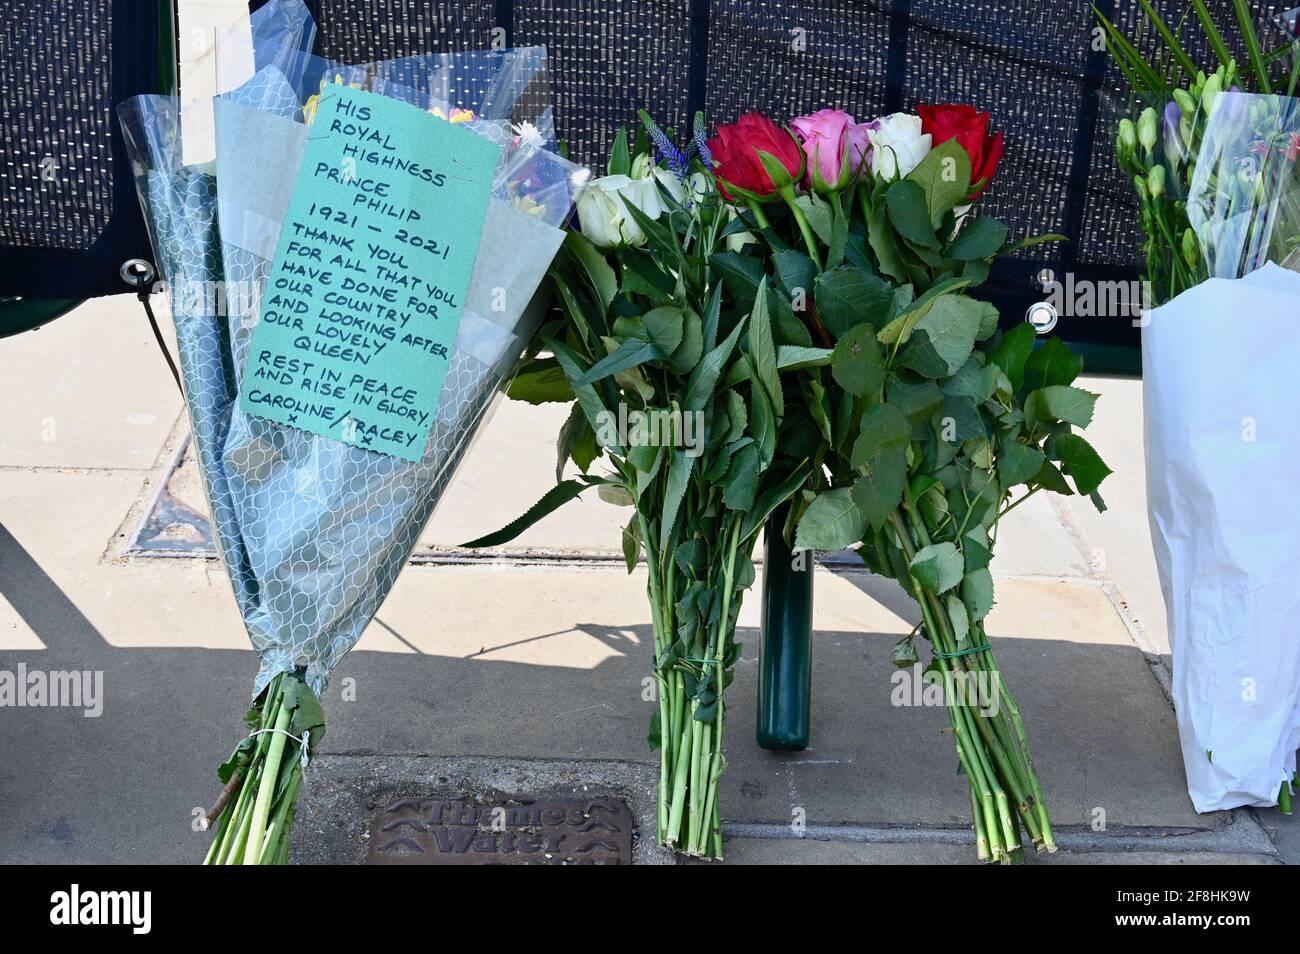 Londres. Reino Unido. Los Royal Westhers dejan tributos florales al Duque de Edimburgo después de su muerte el viernes 09.04.2021. Se ha pedido a los lamentadores que se alejen de las residencias reales debido a la pandemia de coronavirus. Buckingham Palace, Londres. Foto de stock